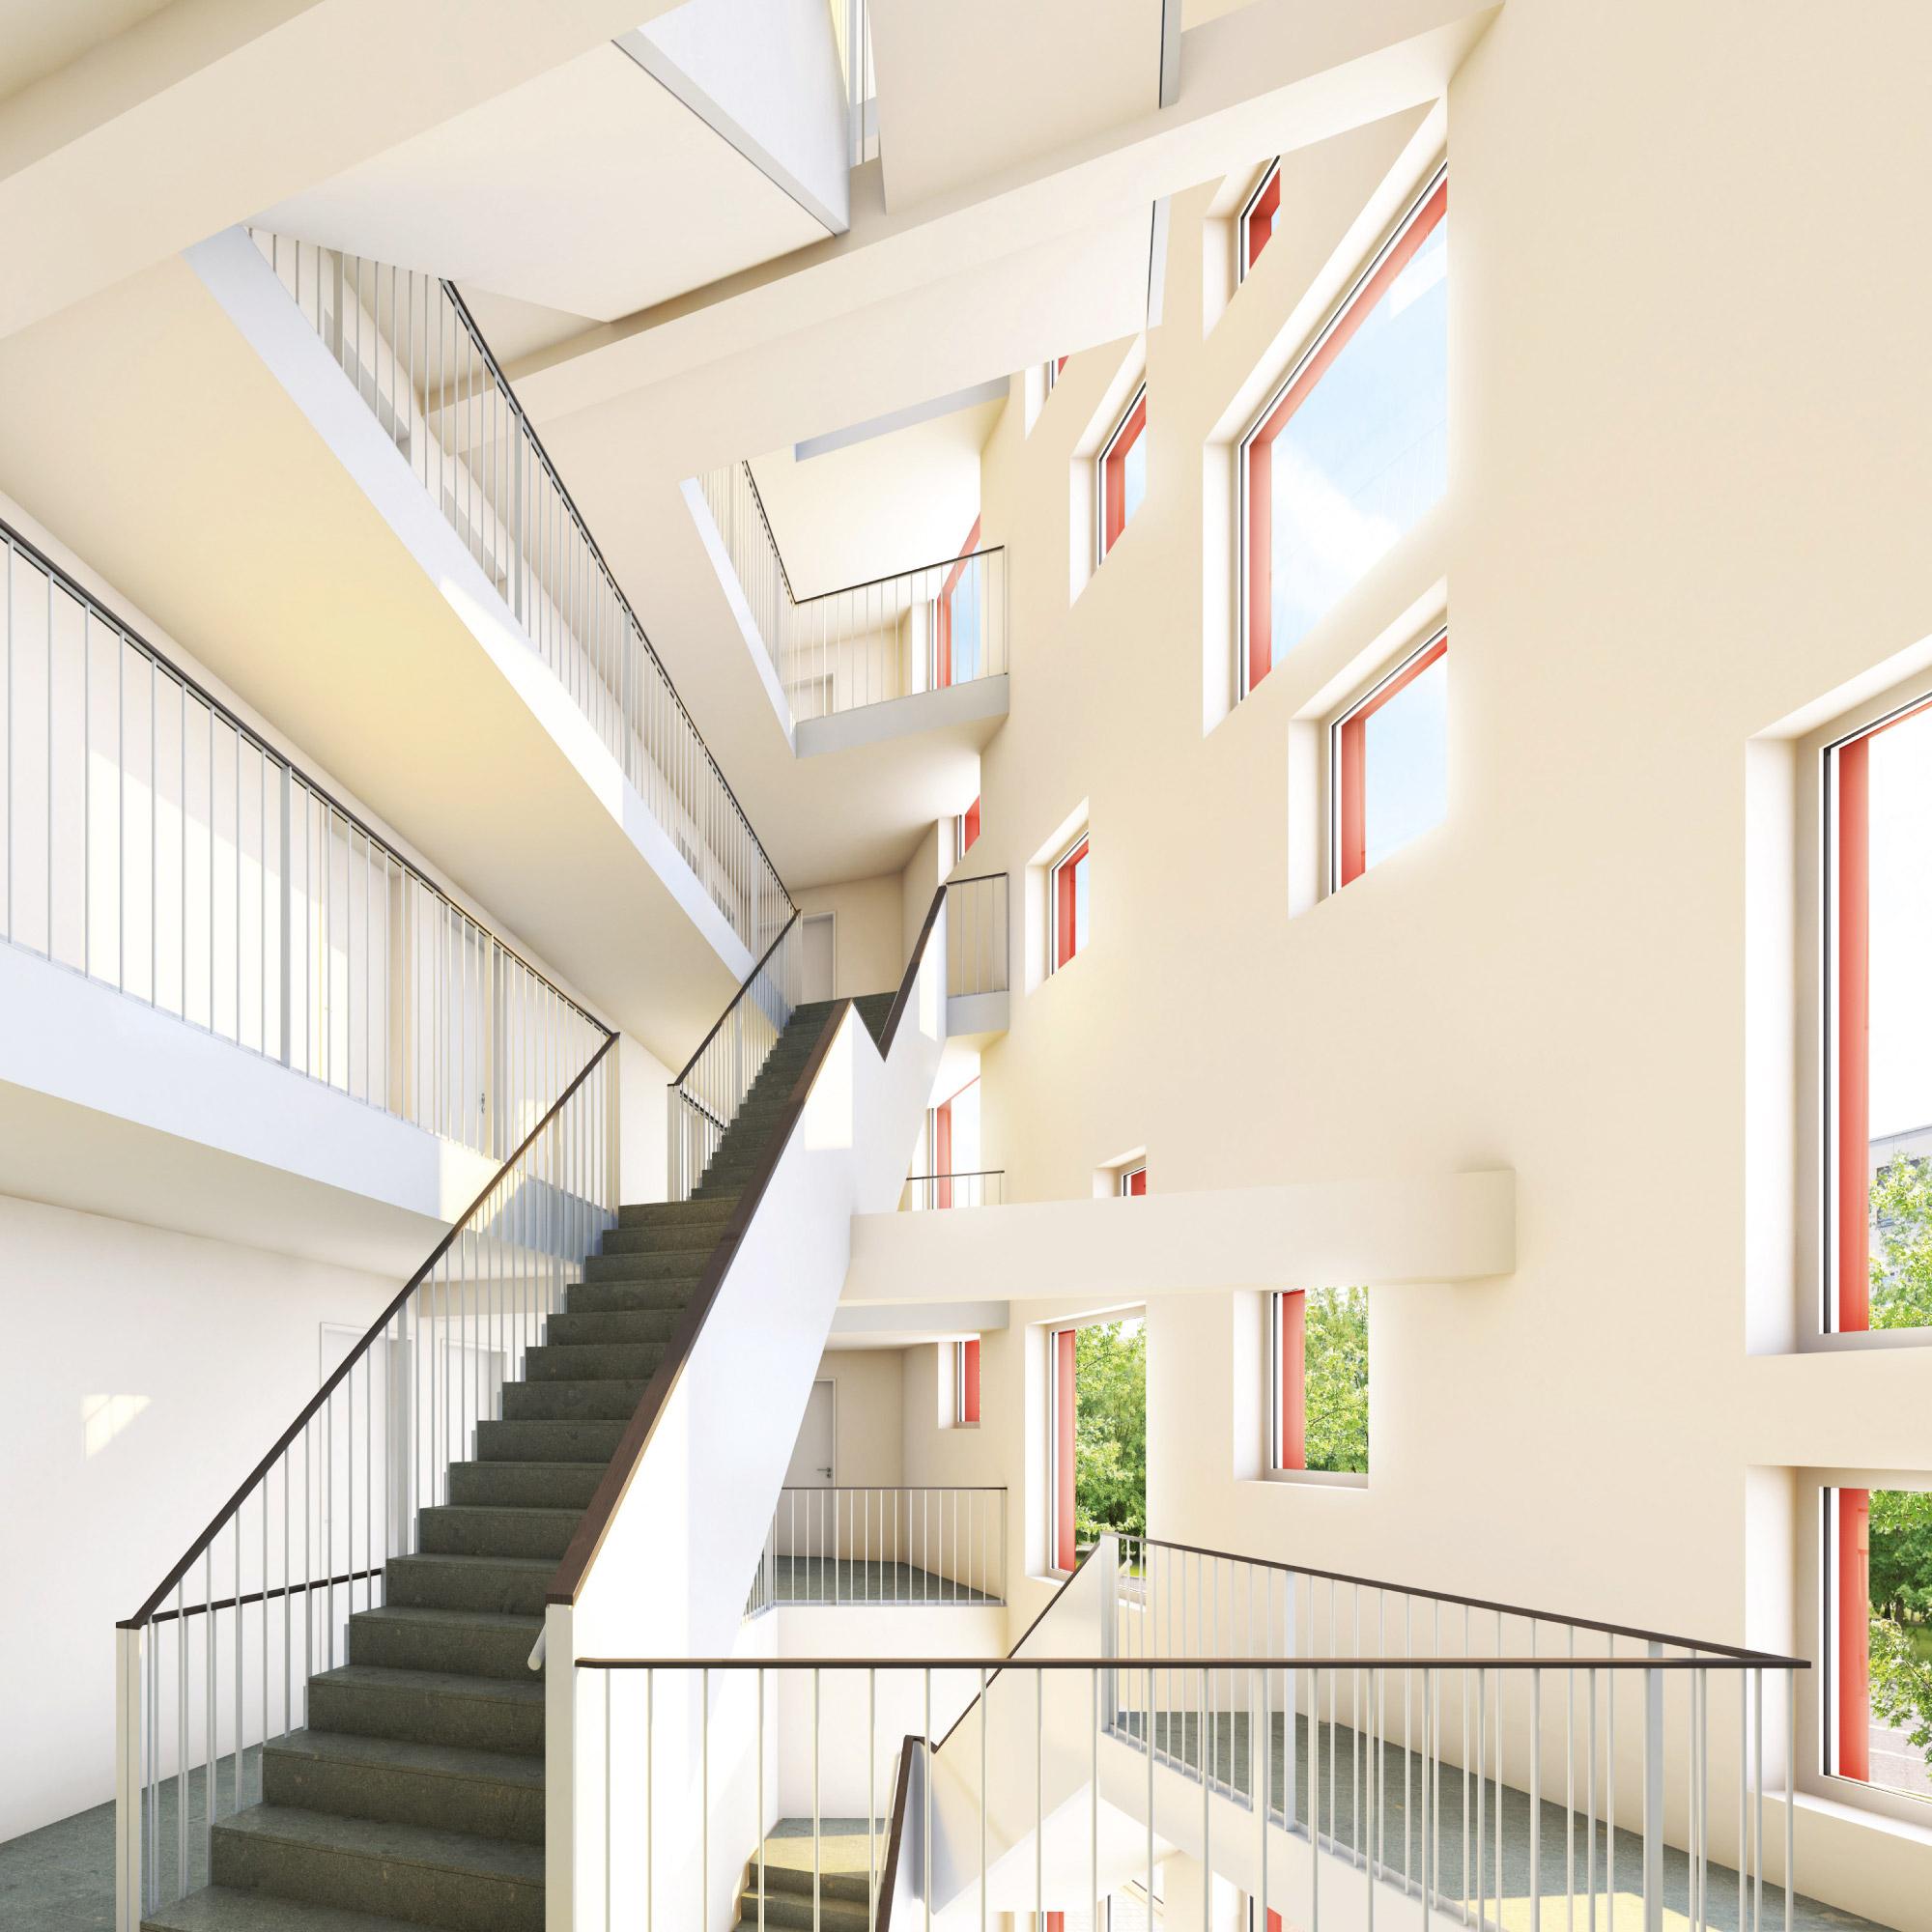 Helles, lichtdurchflutetes Treppenhaus in der Studentenwohnanlage studiosus 5 in Augbsurg